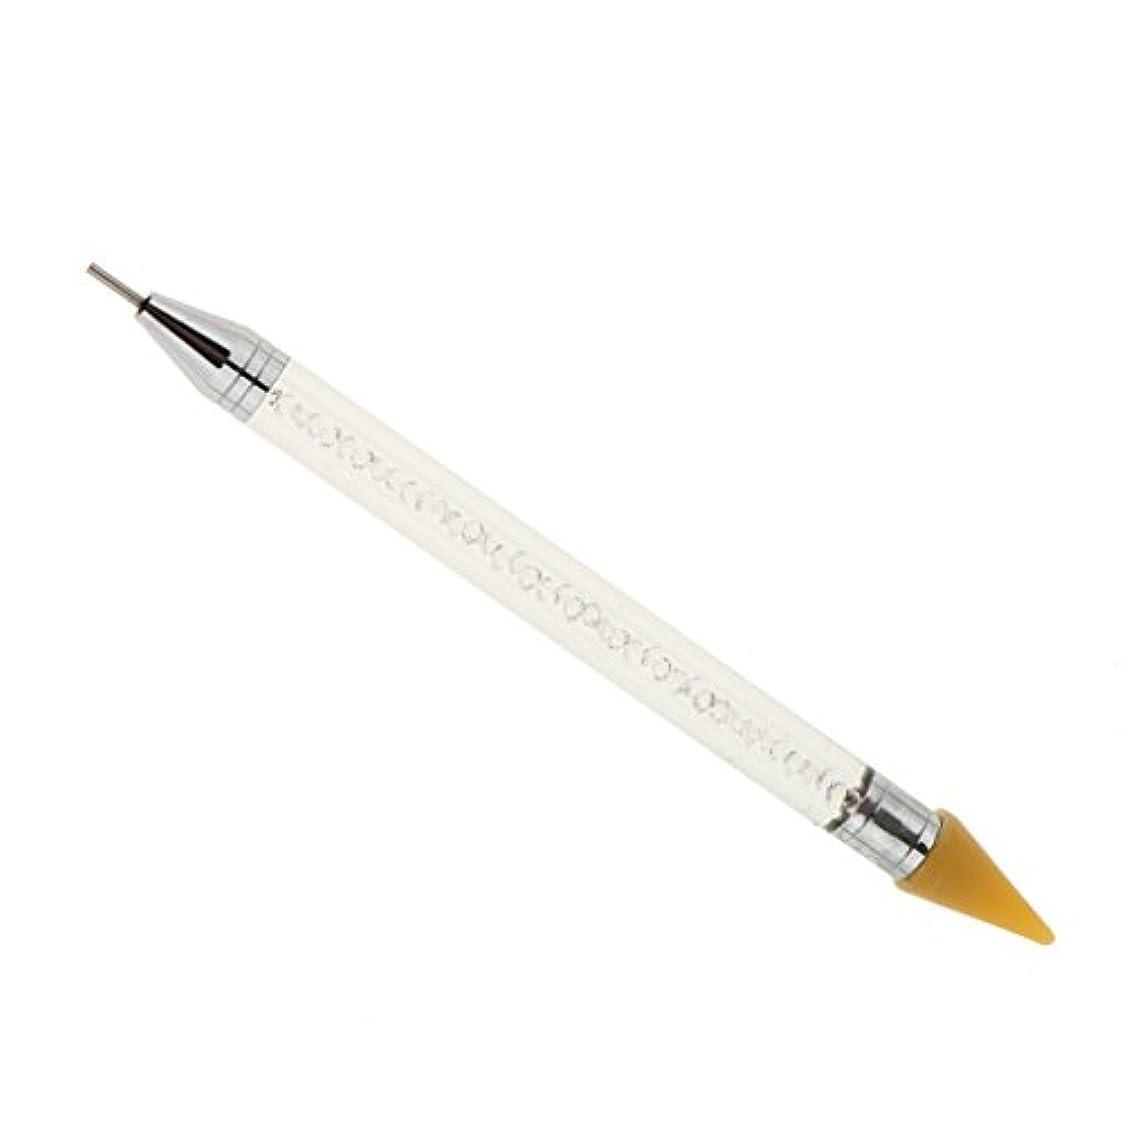 荒らす賢明な歩くワックスペンシルマニキュアネイルアートツールのためのデュアルエンドドットペン